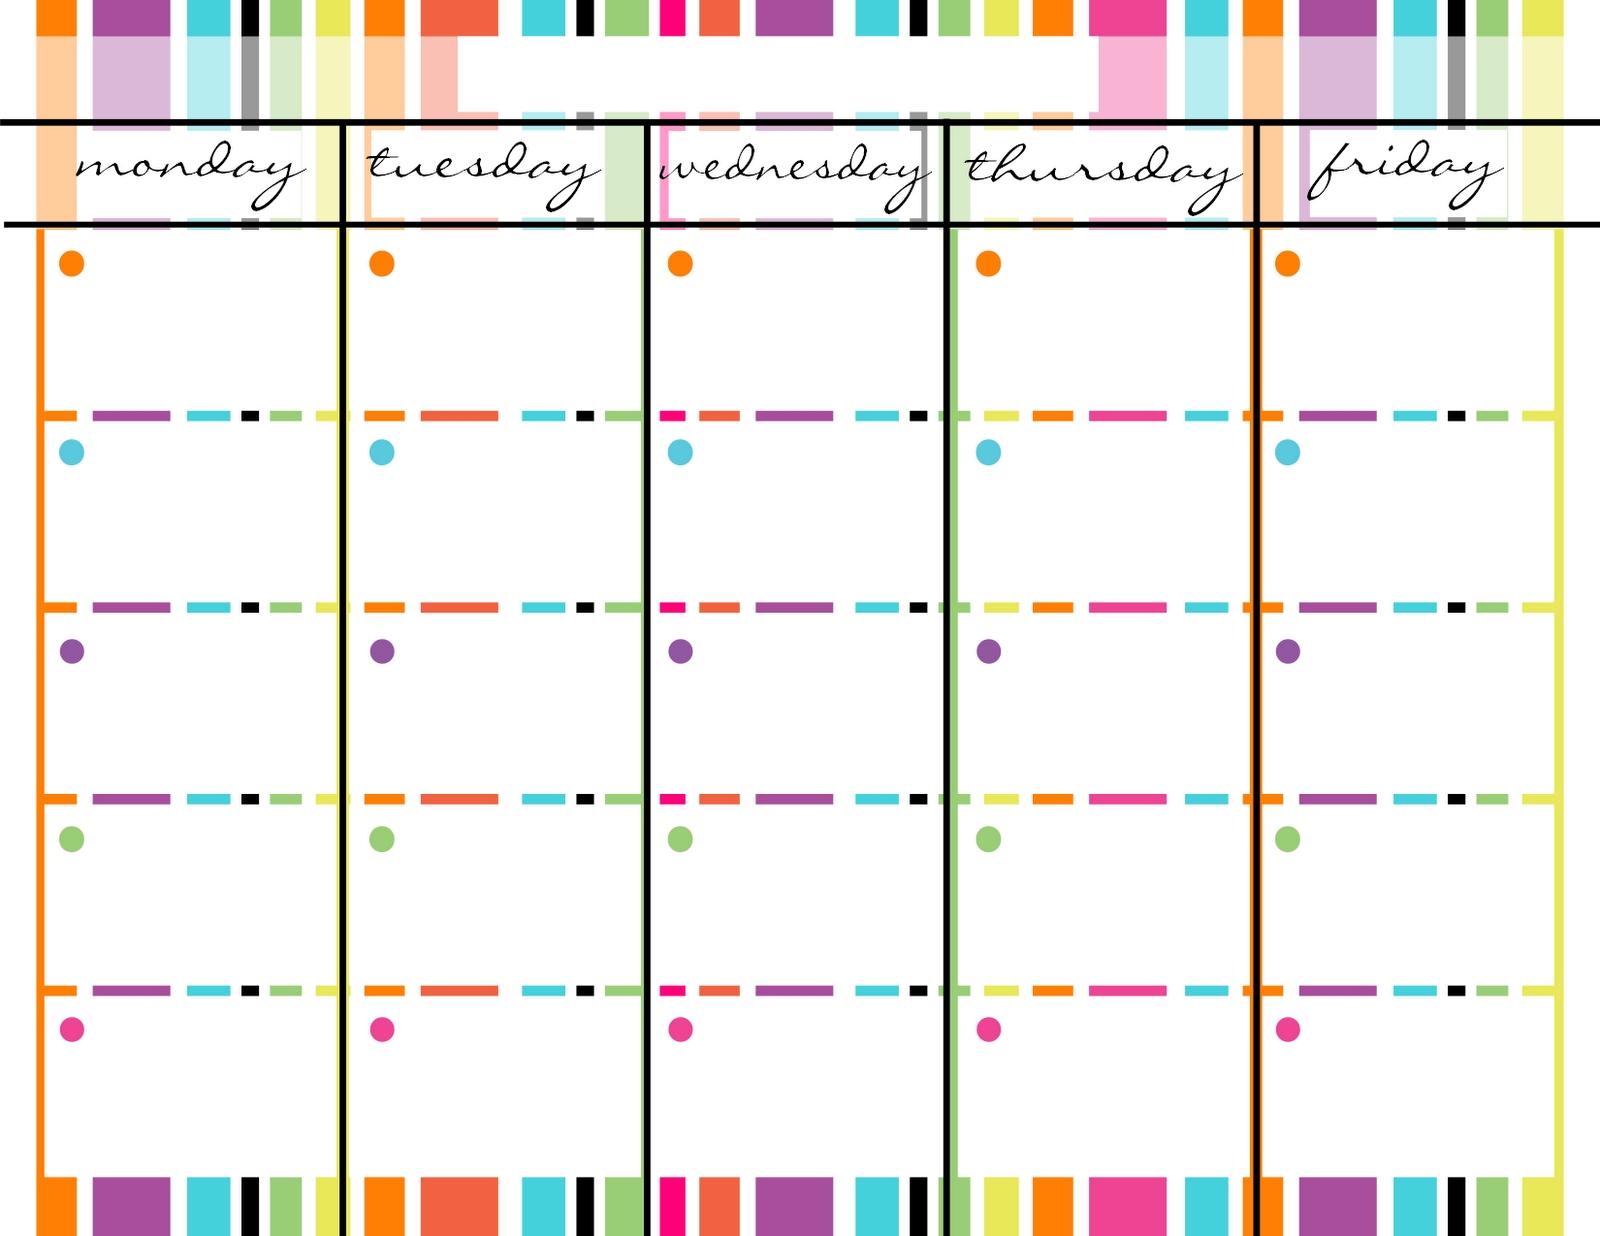 Blank Monday Through Friday Printable Calendar | School-Monday To Friday Blank Calendar Printable